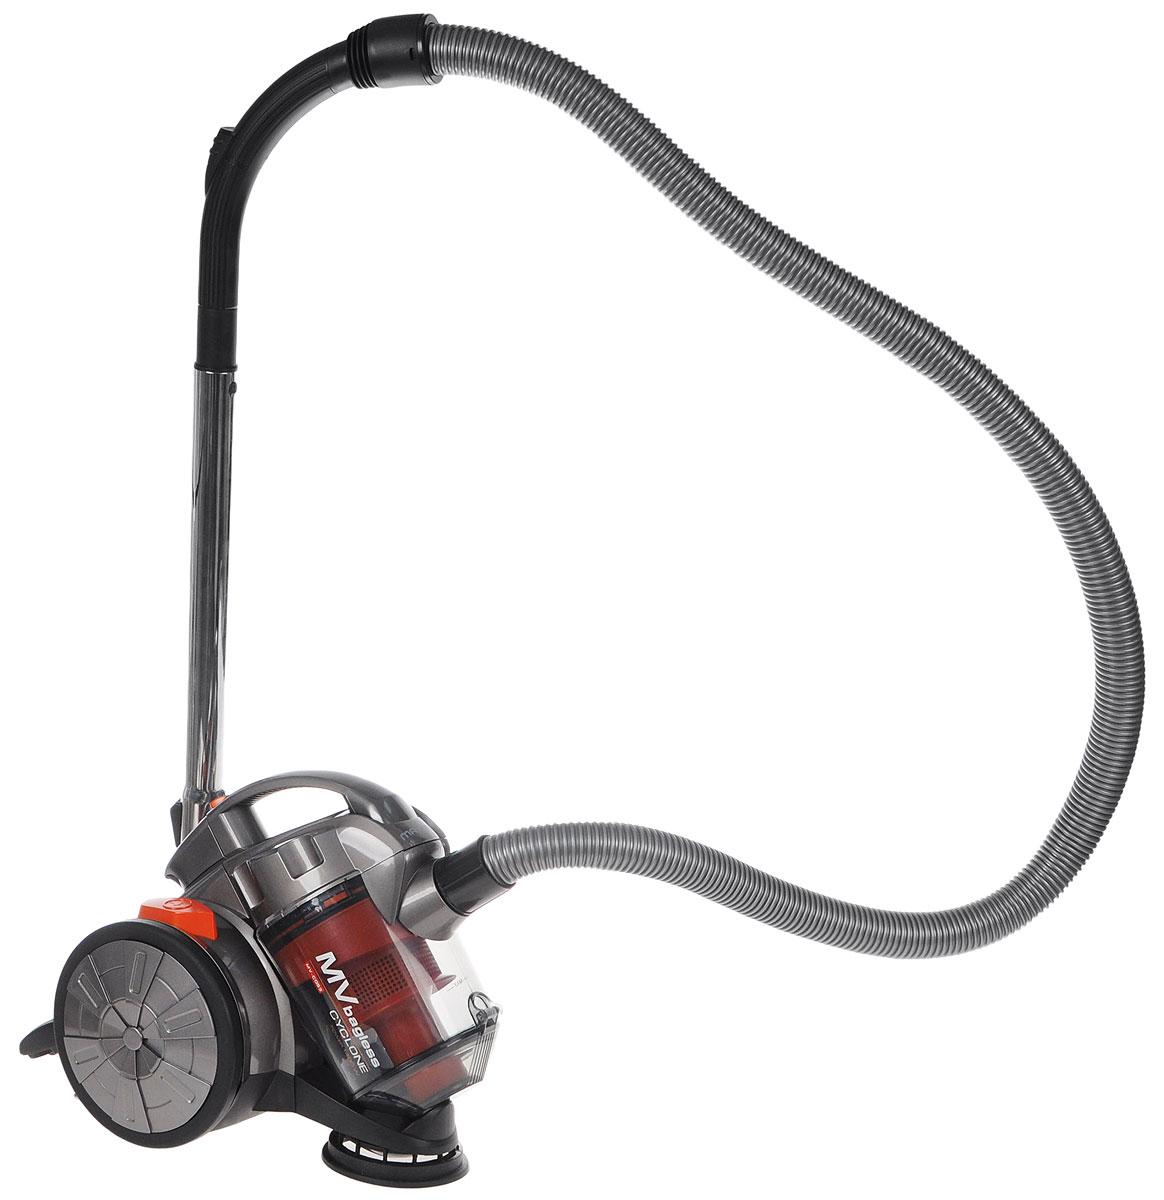 Maxima MV-C053 пылесосMV-C053Maxima MV-C053 - мощный и надежный пылесос циклонного типа, который избавит дом от грязи, пыли, аллергенов.Он обладает высокой маневренностью и двумя специальными насадками, благодаря чему вы можете убрать пыль даже в самых труднодоступных местах.